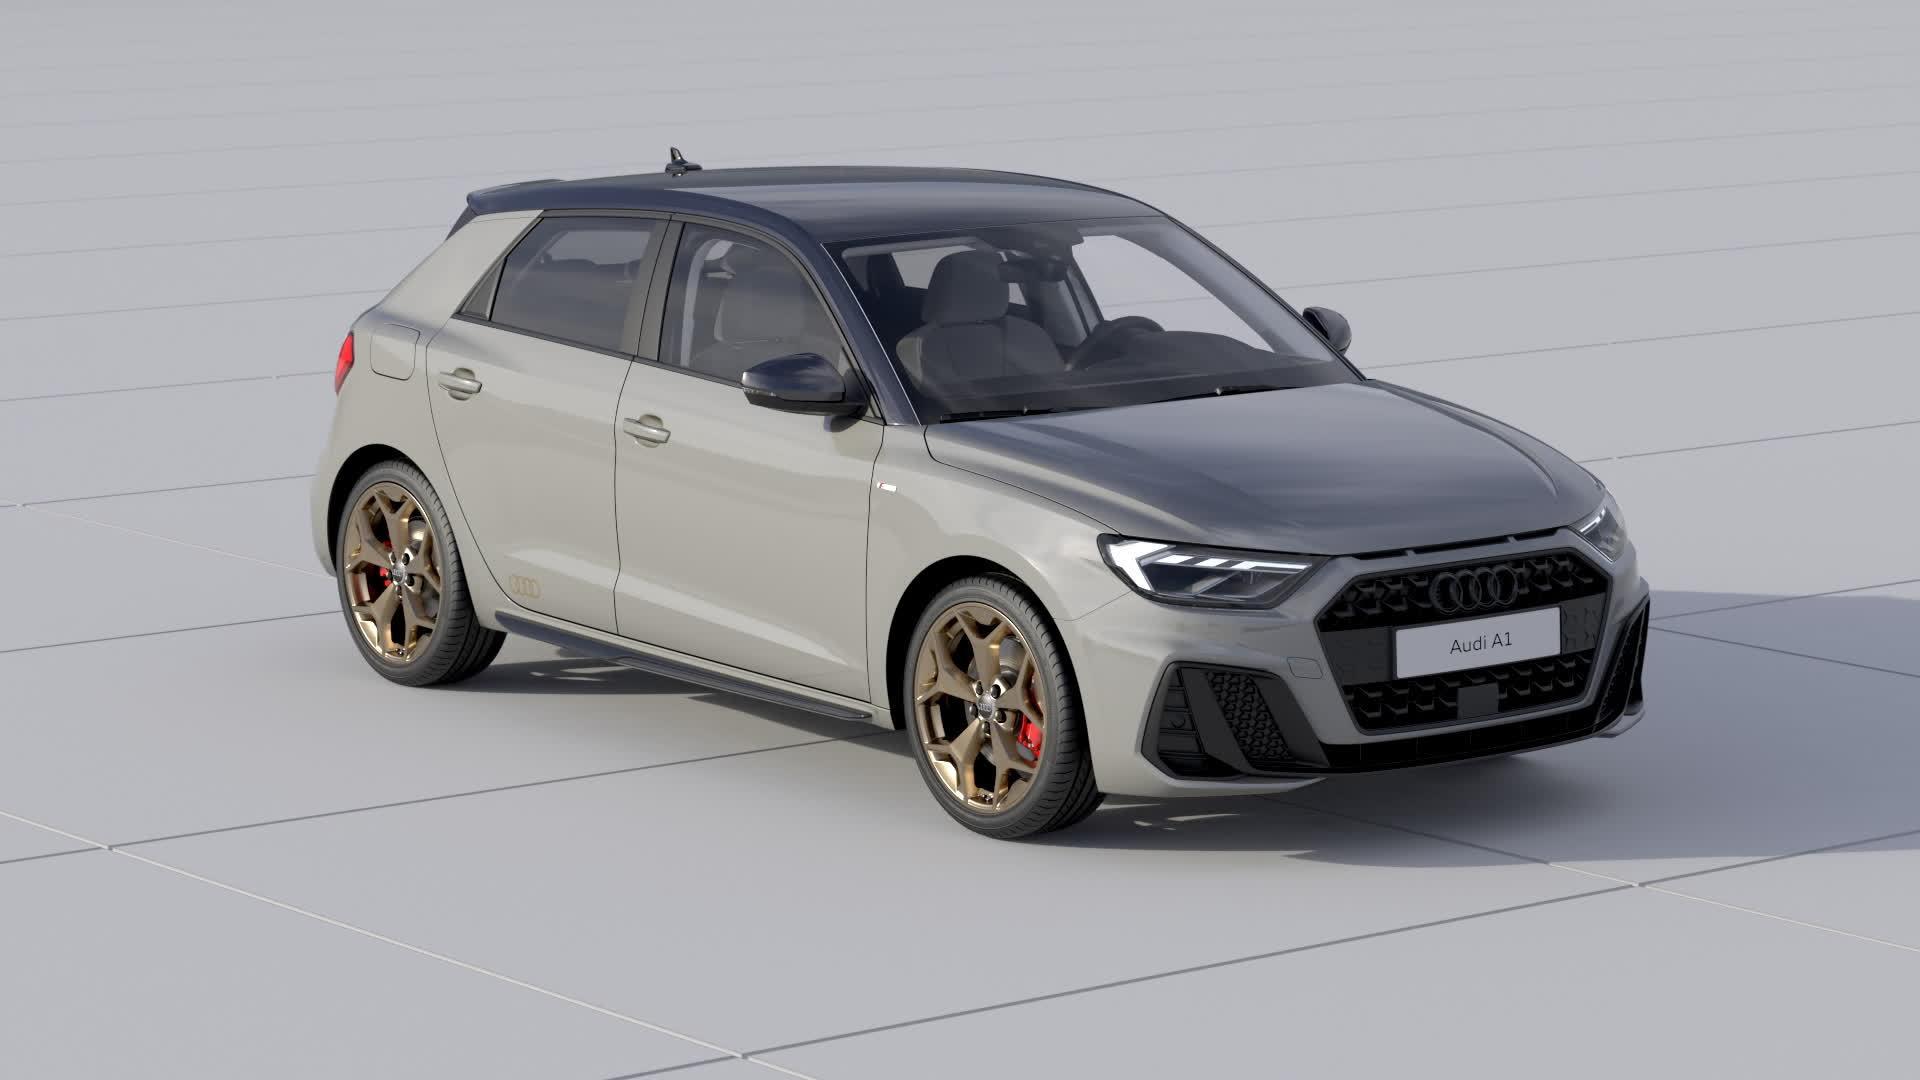 Audi A1 Audi Mediacenter